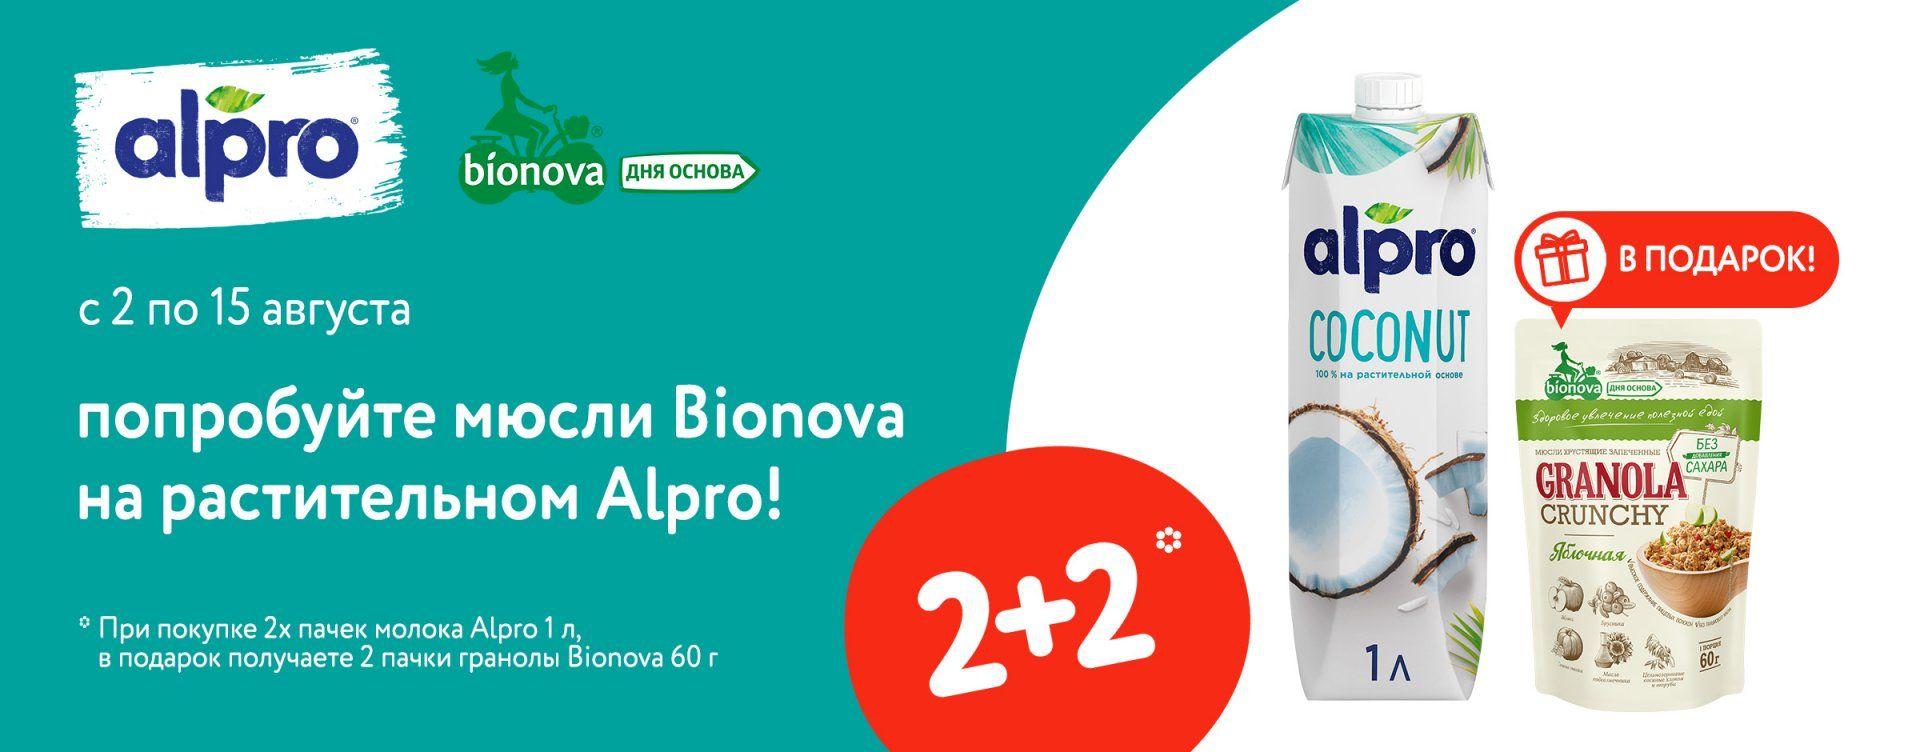 При покупке 2 Alpro 2 пачки  Bionova в подарок категории